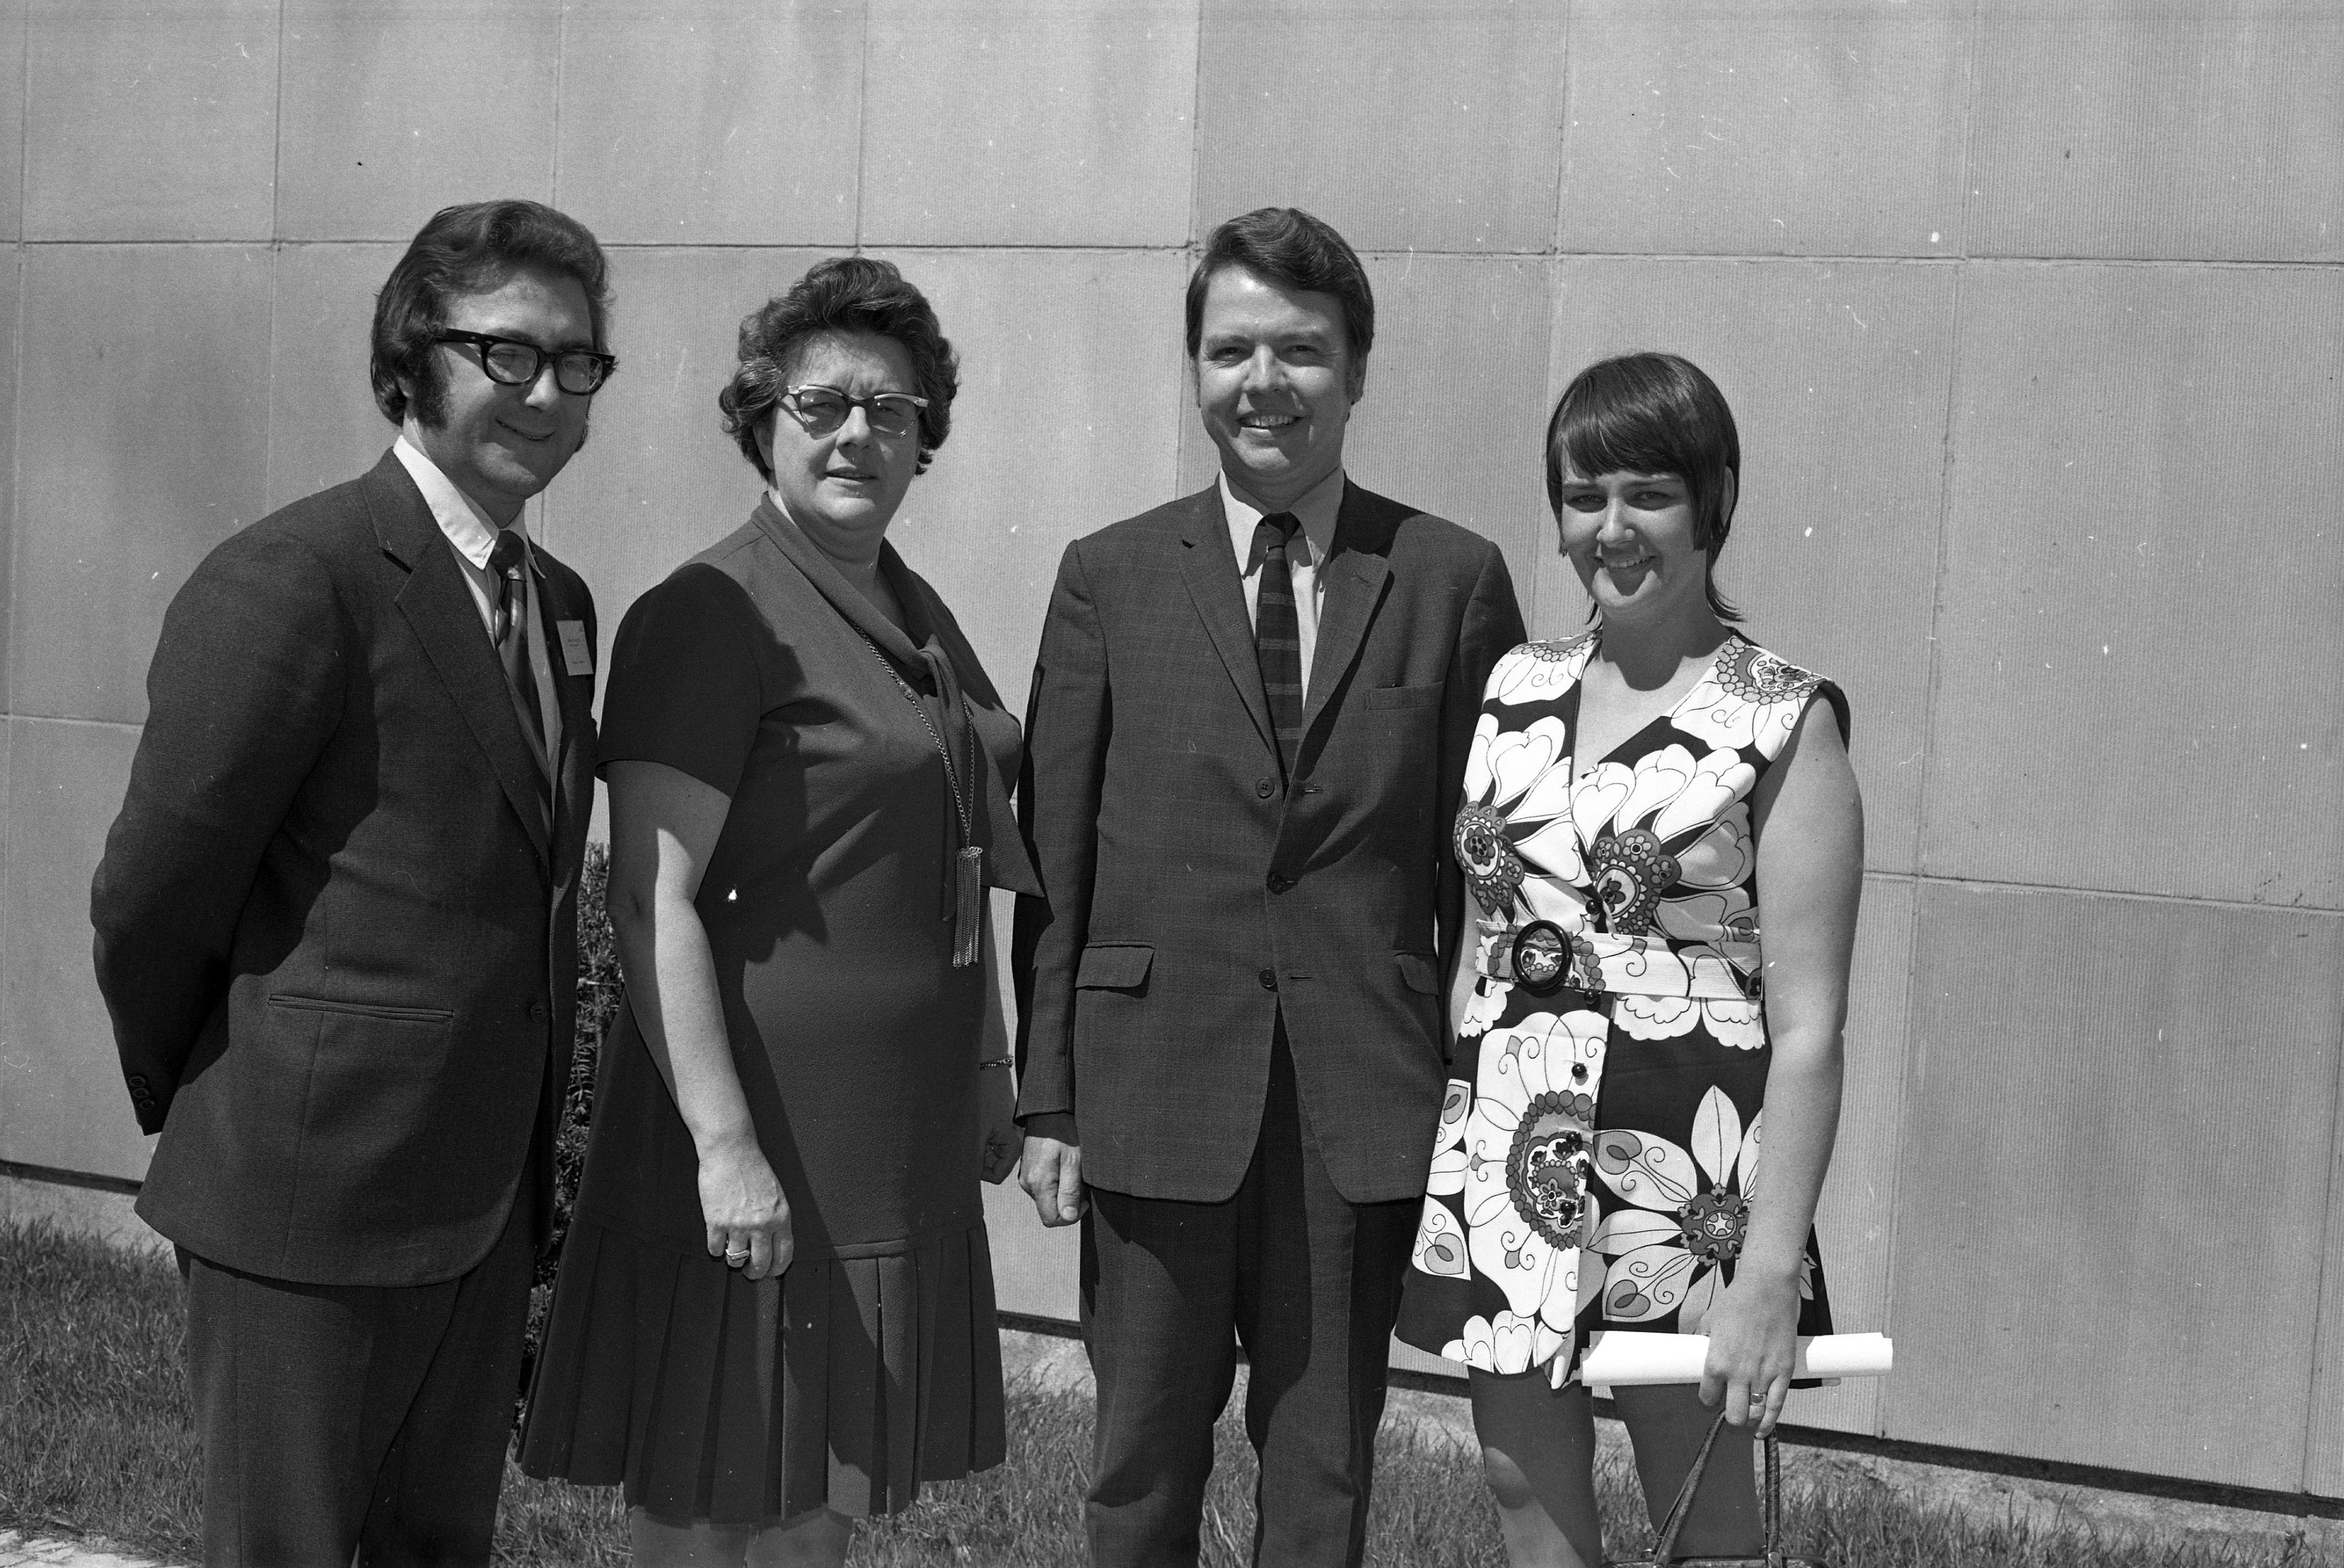 Photo en noir et blanc datant environ des années 1970 avec deux hommes et deux femmes, à l'extérieur, devant un mur de béton